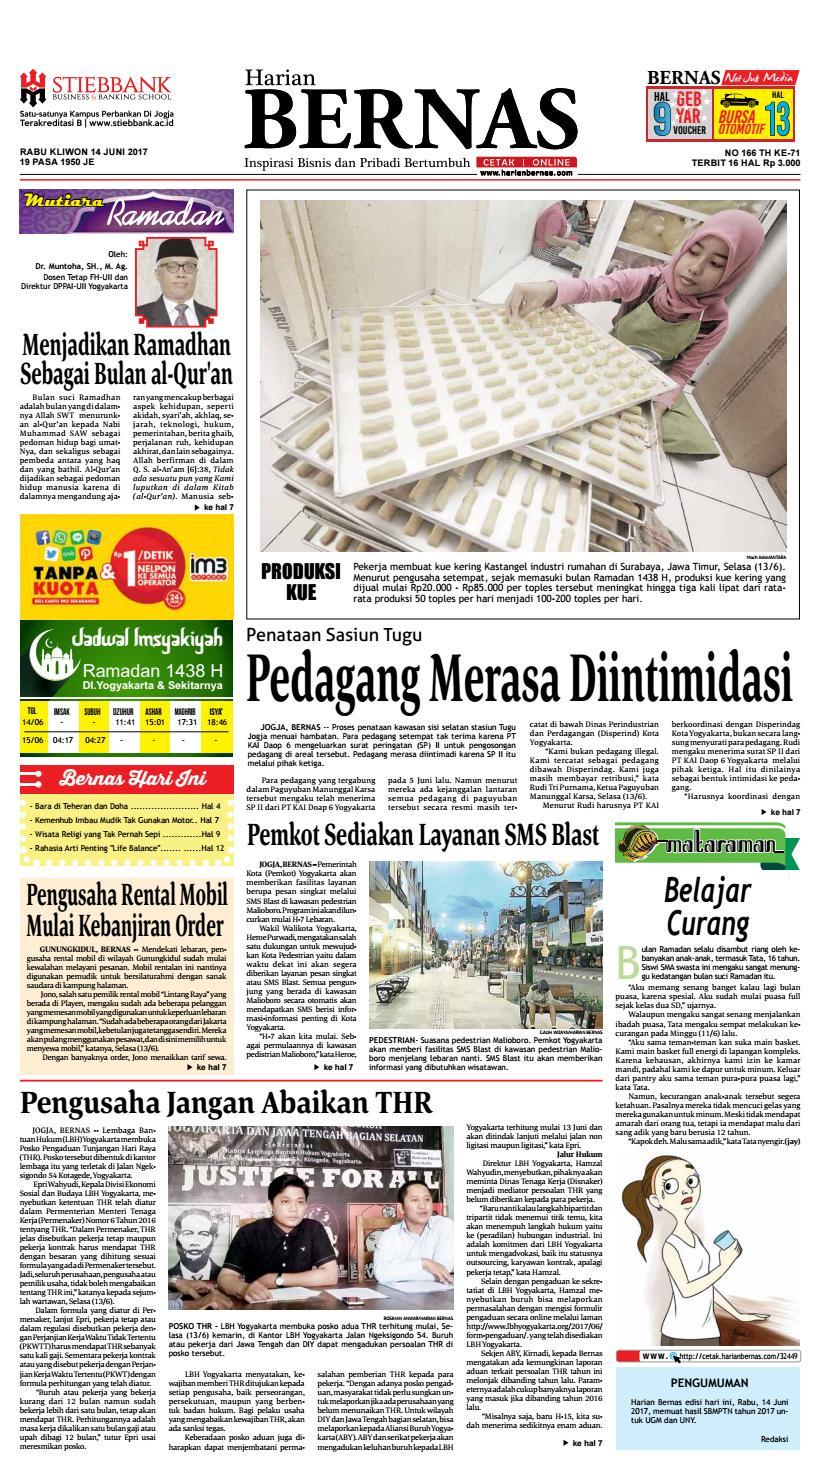 toko athiya gypsum & baja ringan kabupaten kudus jawa tengah bara di teheran dan doha by boy anugerah issuu